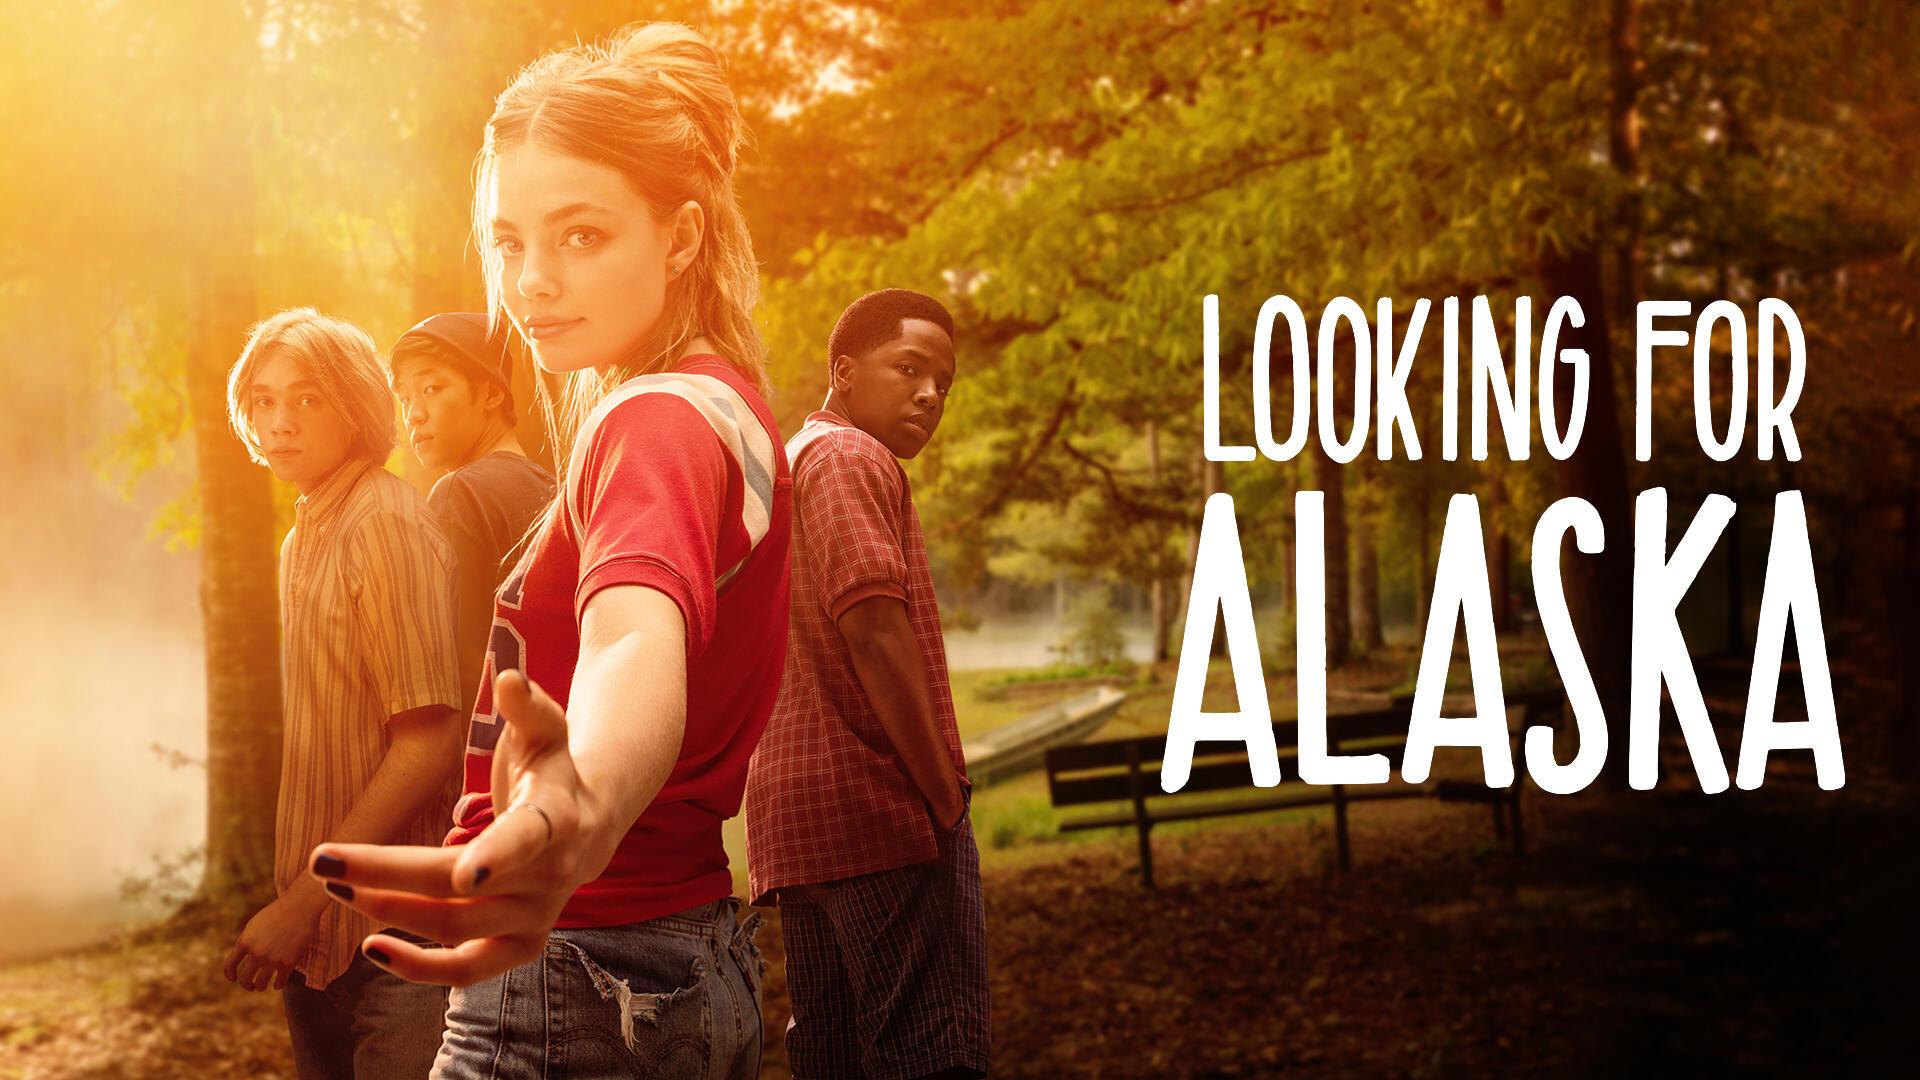 Looking_for_Alaska_16x9